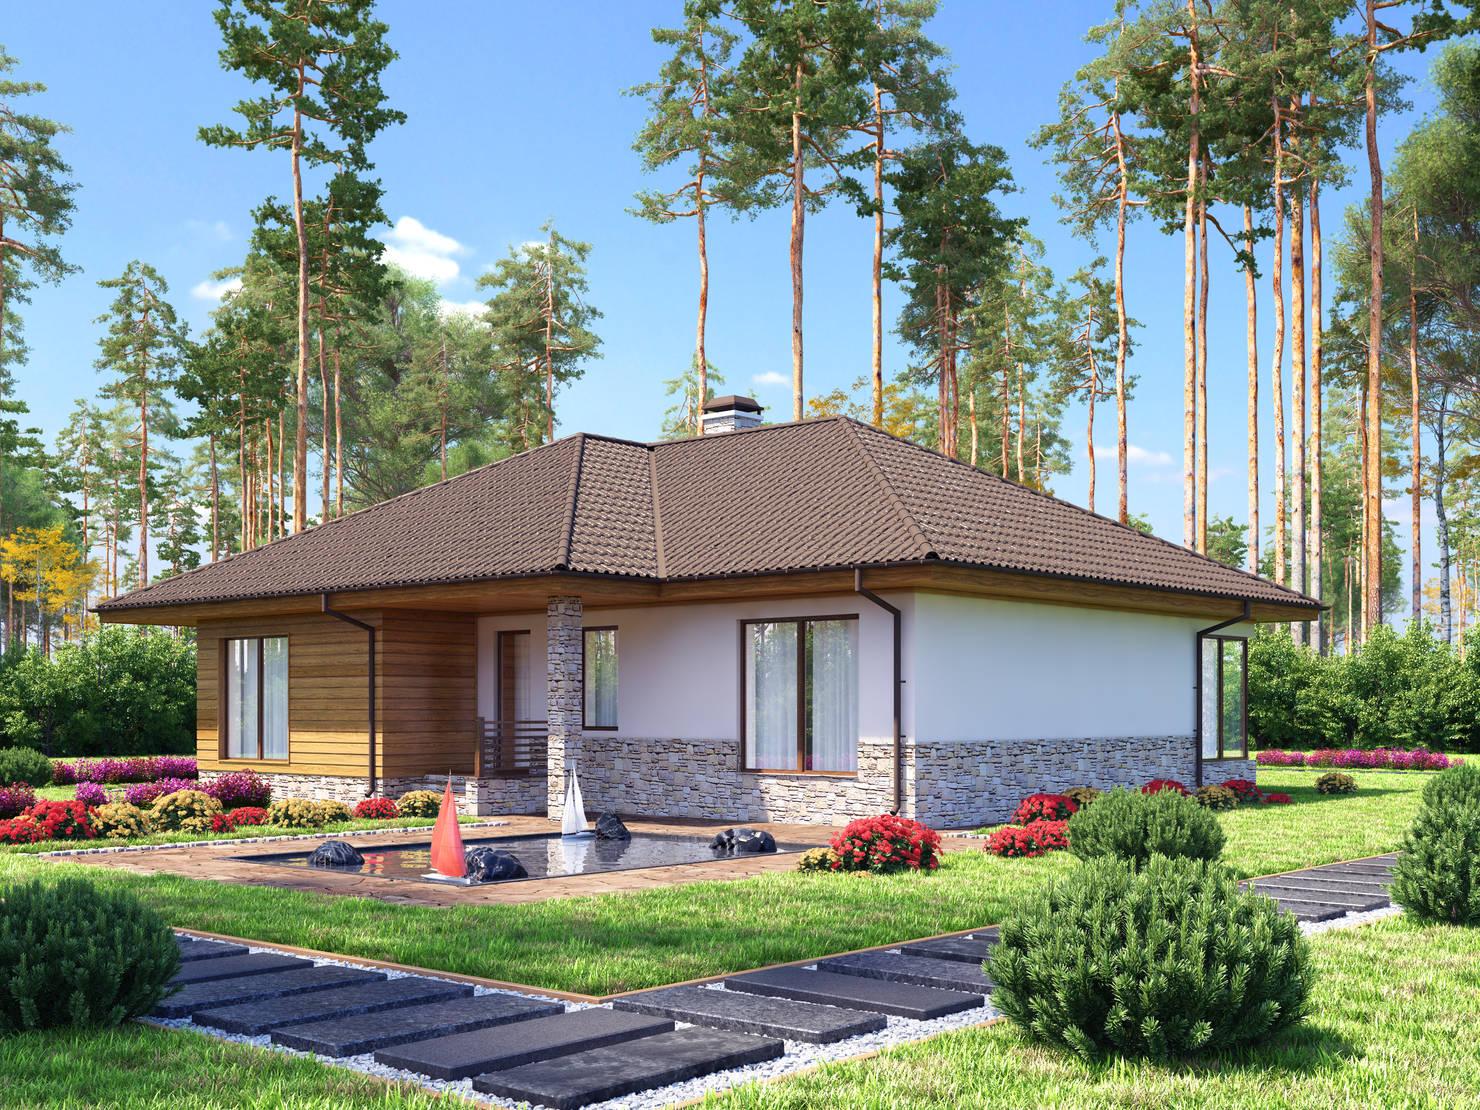 10 отличных домов до 300 кв метров + планы